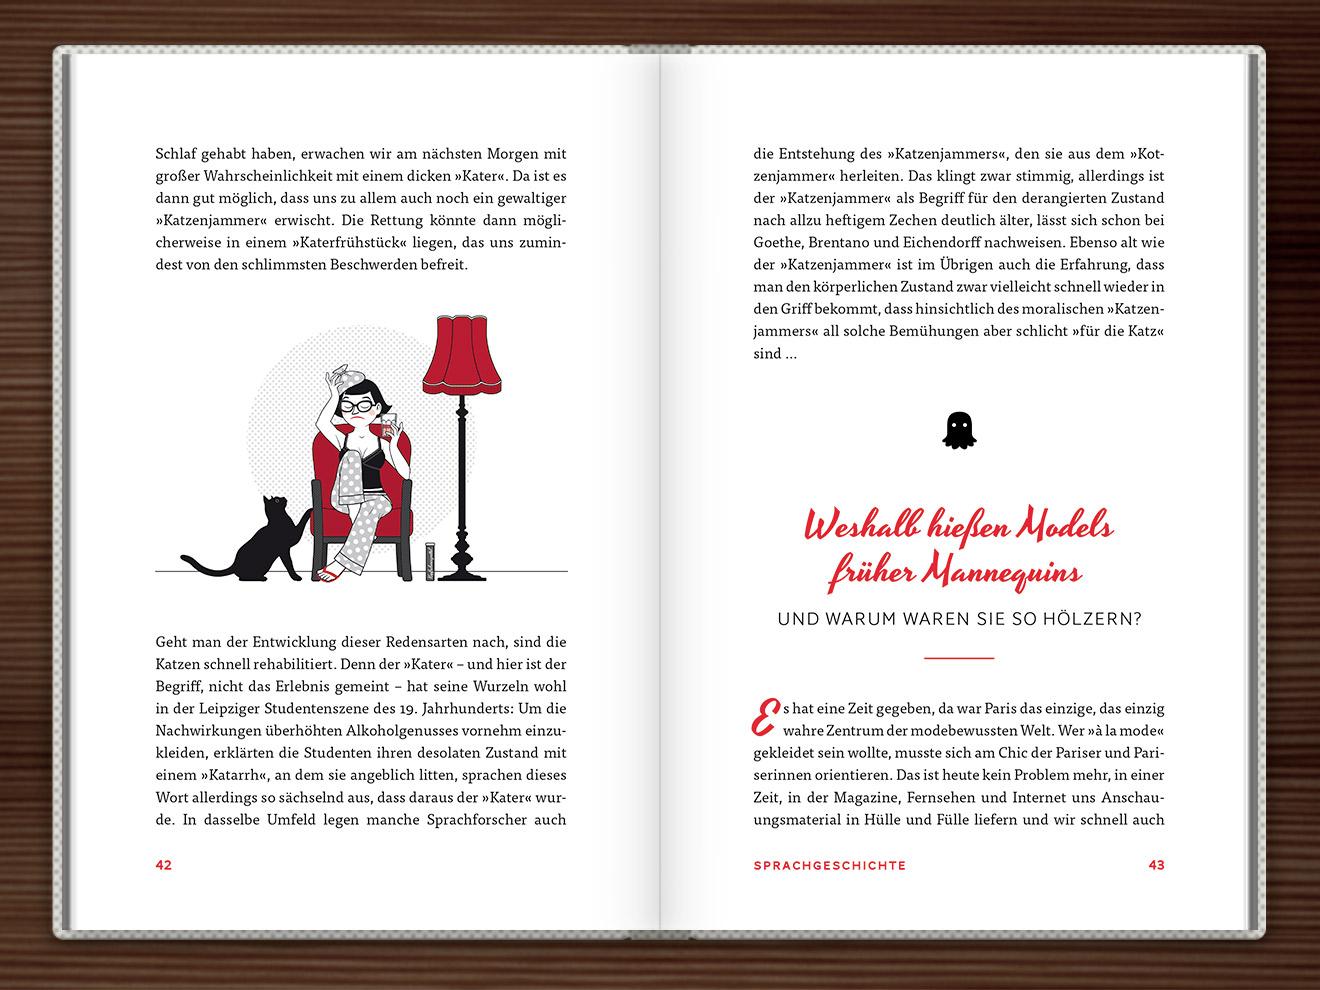 Einen Kater haben im Buch Du hast das Wort, Schätzchen! 100 charmante Geschichten rund um die Sprache im Duden Verlag von Rita Mielke mit Illustrationen im Sixties-Stil von Iris Luckhaus